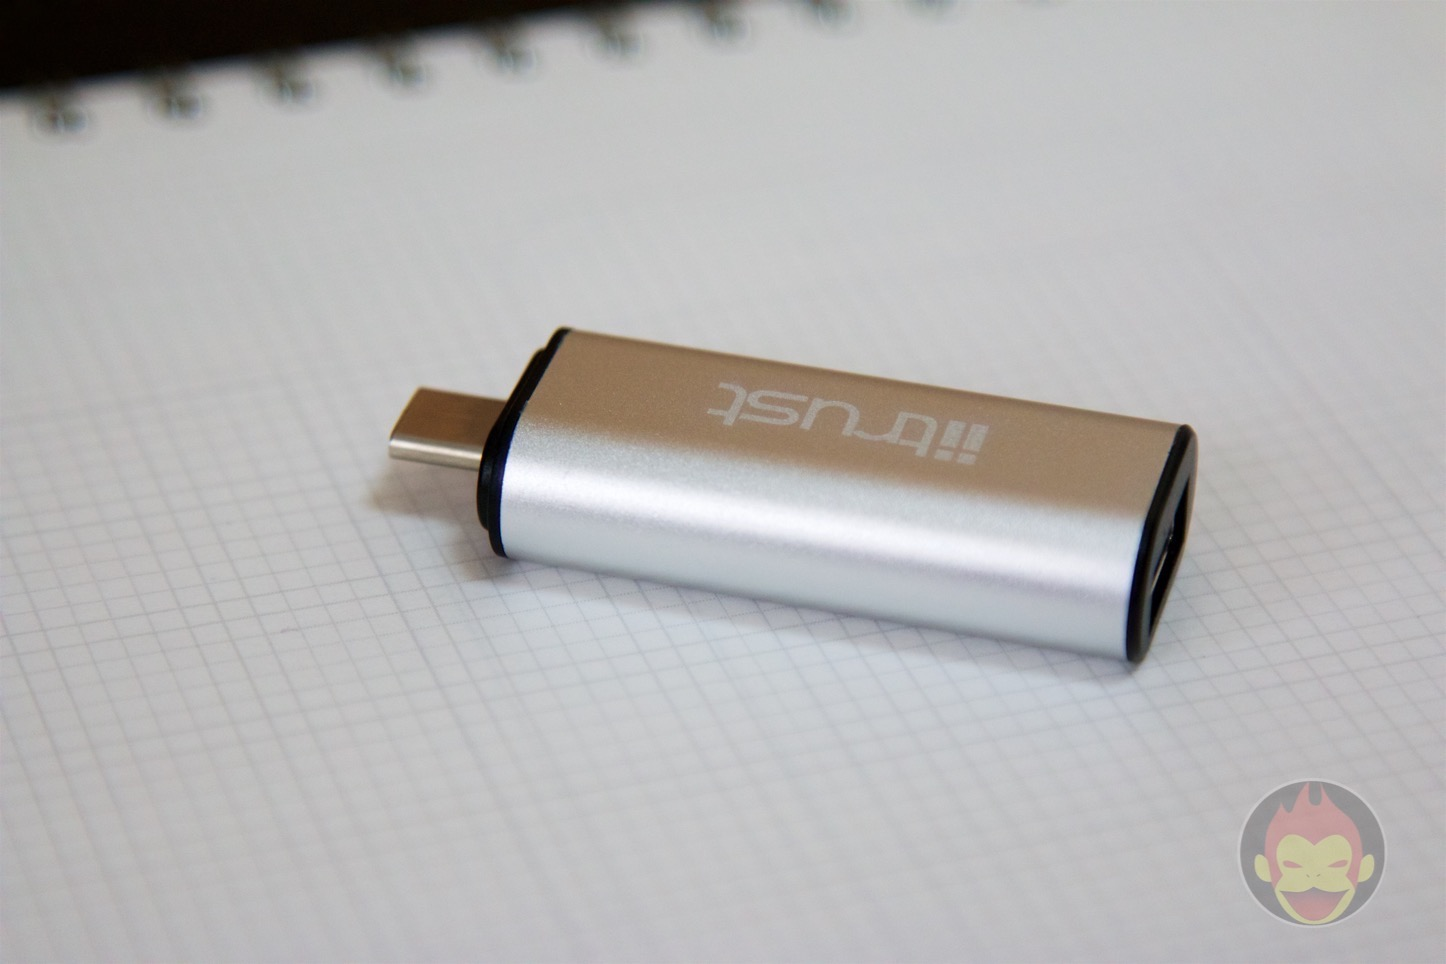 iitrust-MacBook-USB-Adapter-05.jpg